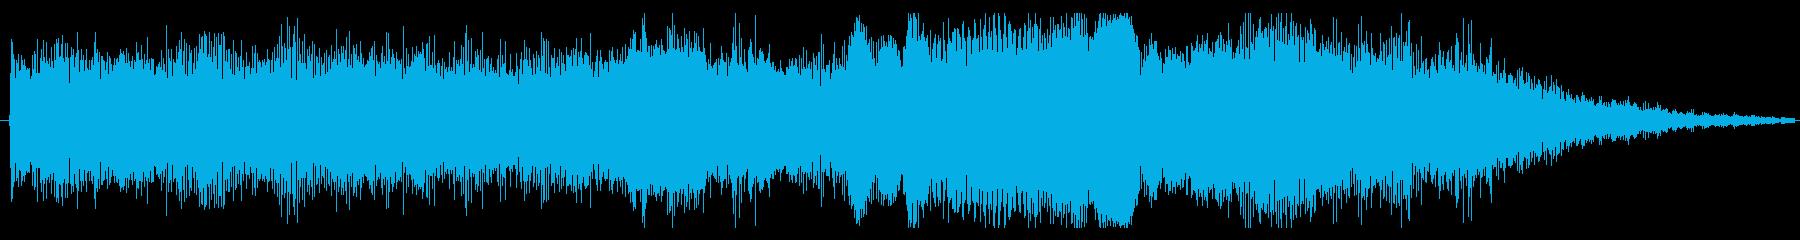 トランジション パッドスイープバズ01の再生済みの波形